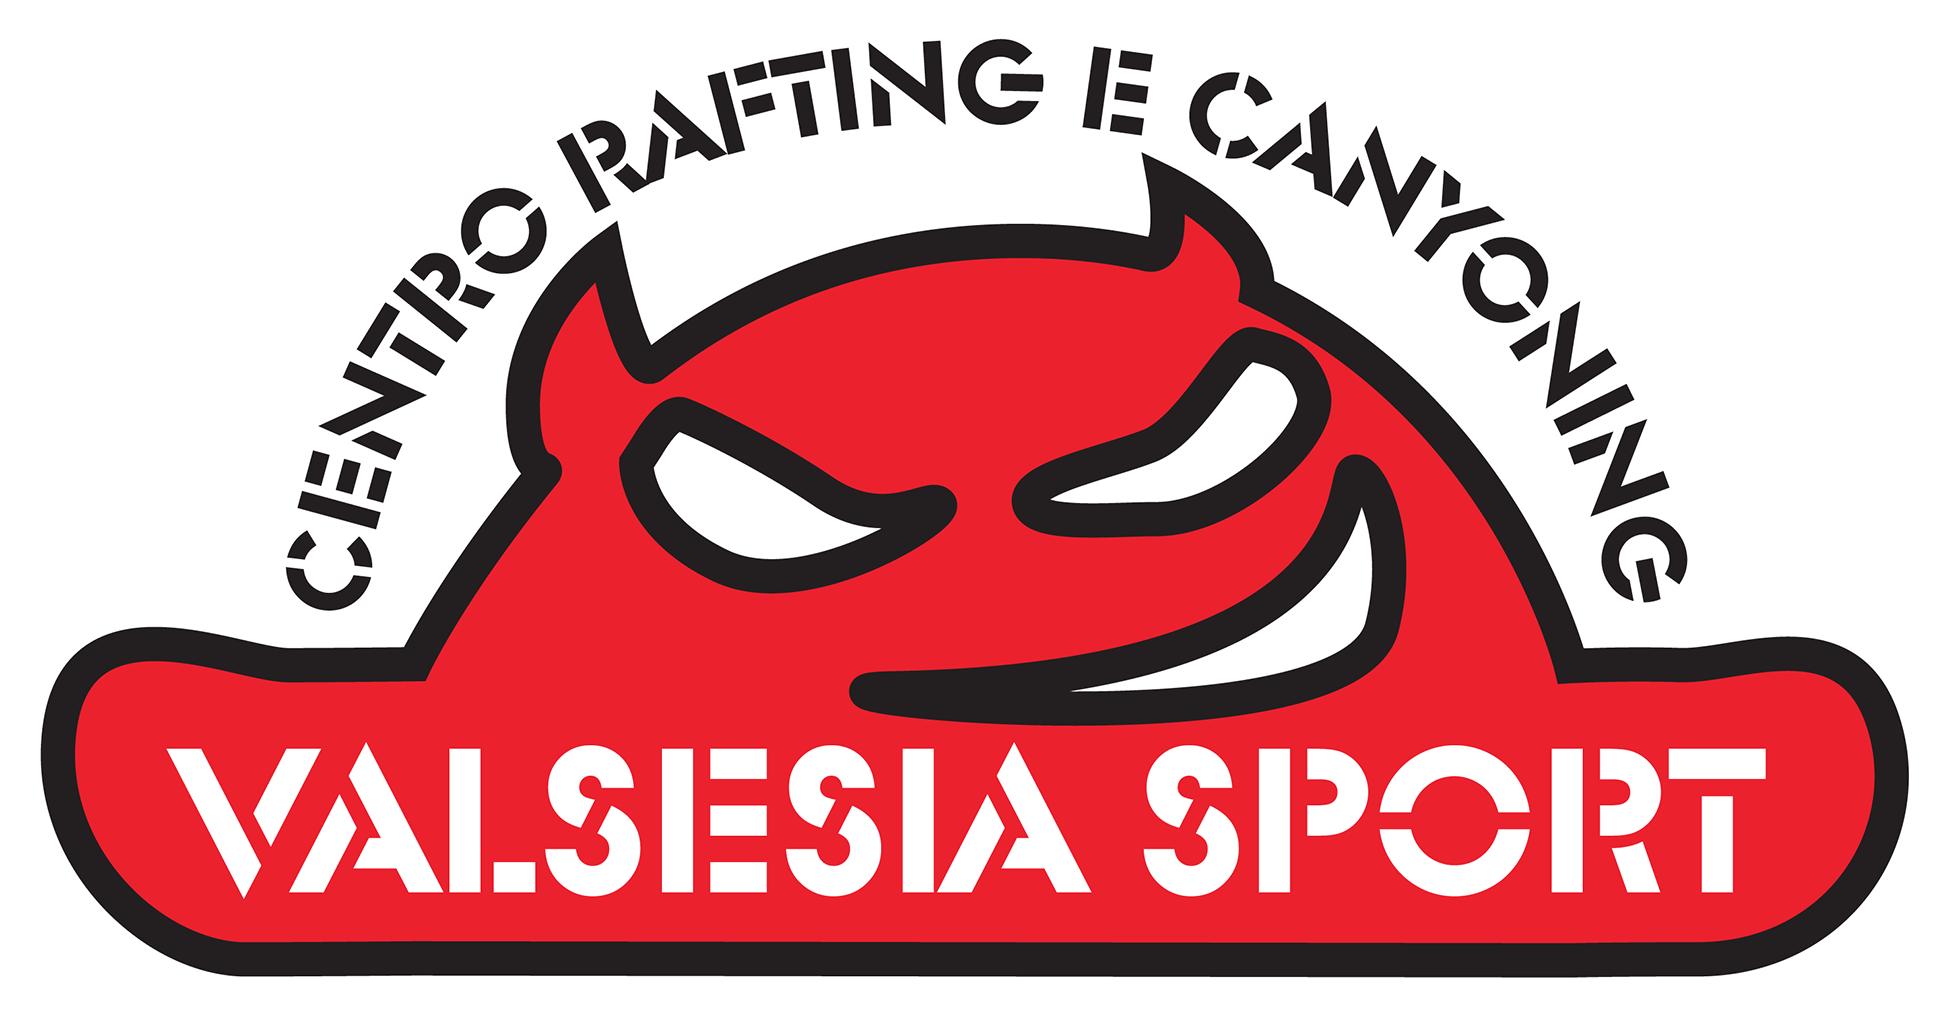 Valsesia Sport